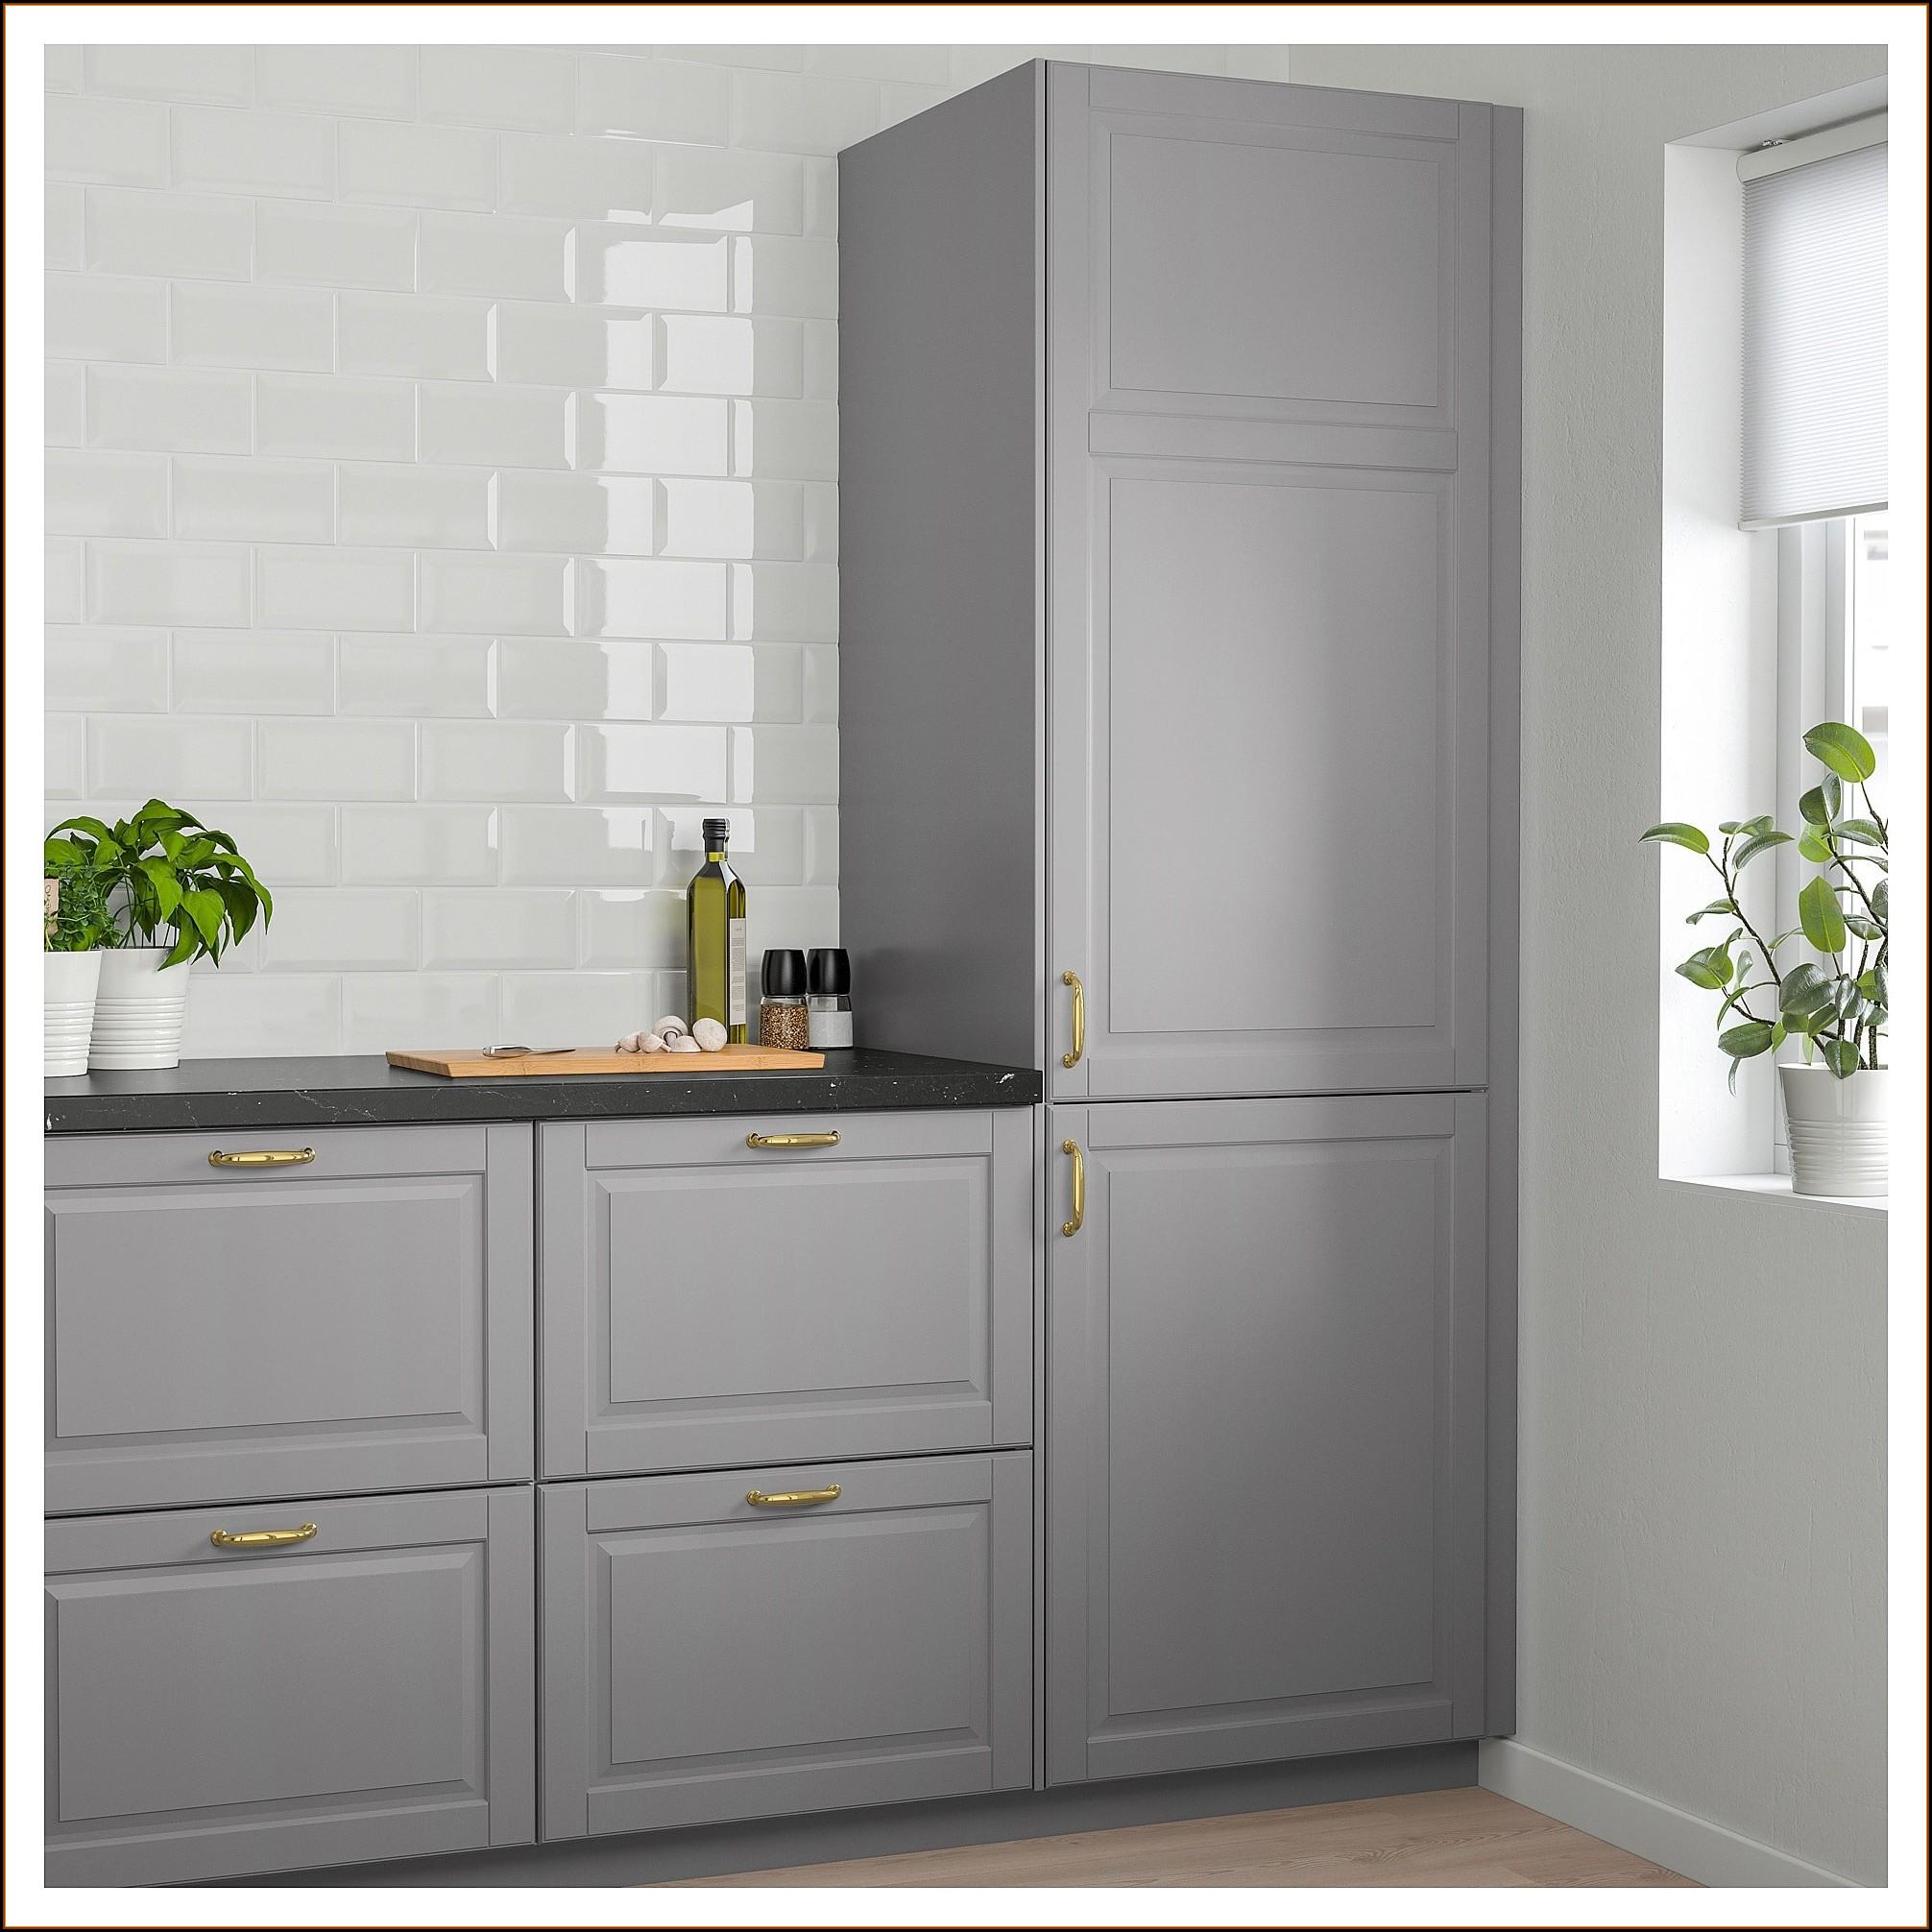 Ideen Küche Ikea